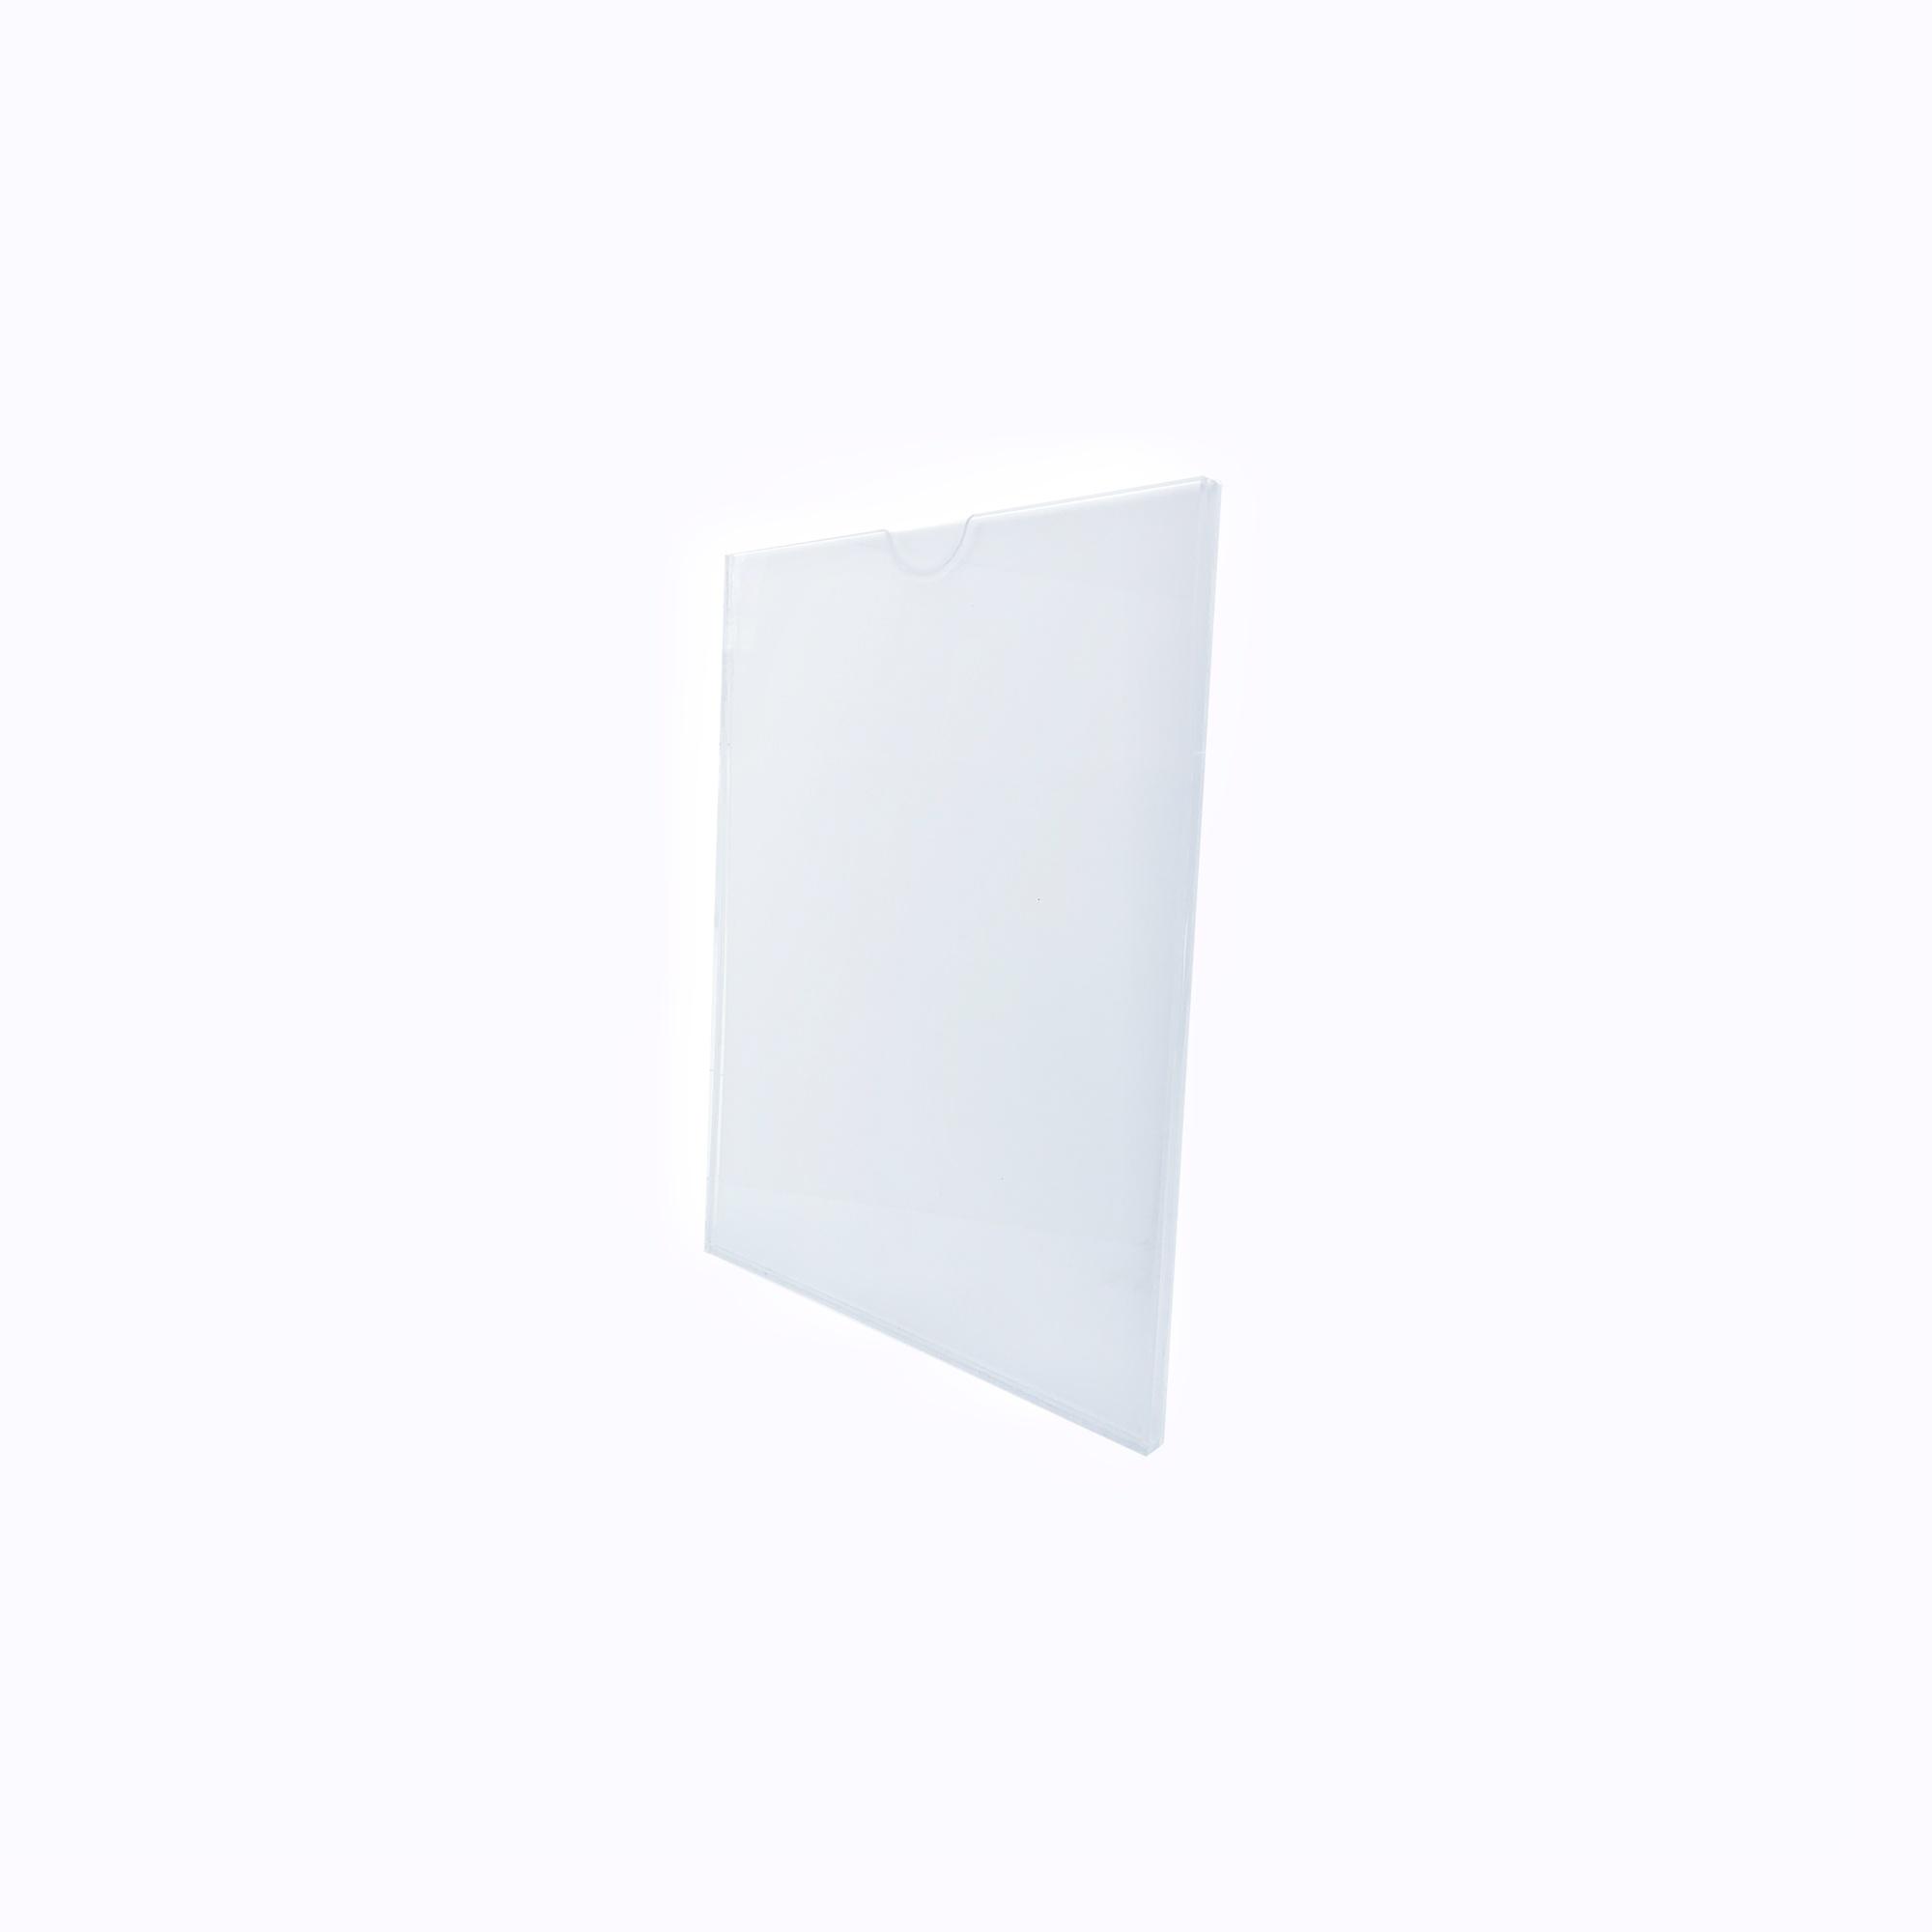 Acrylic Wall Frame - A5